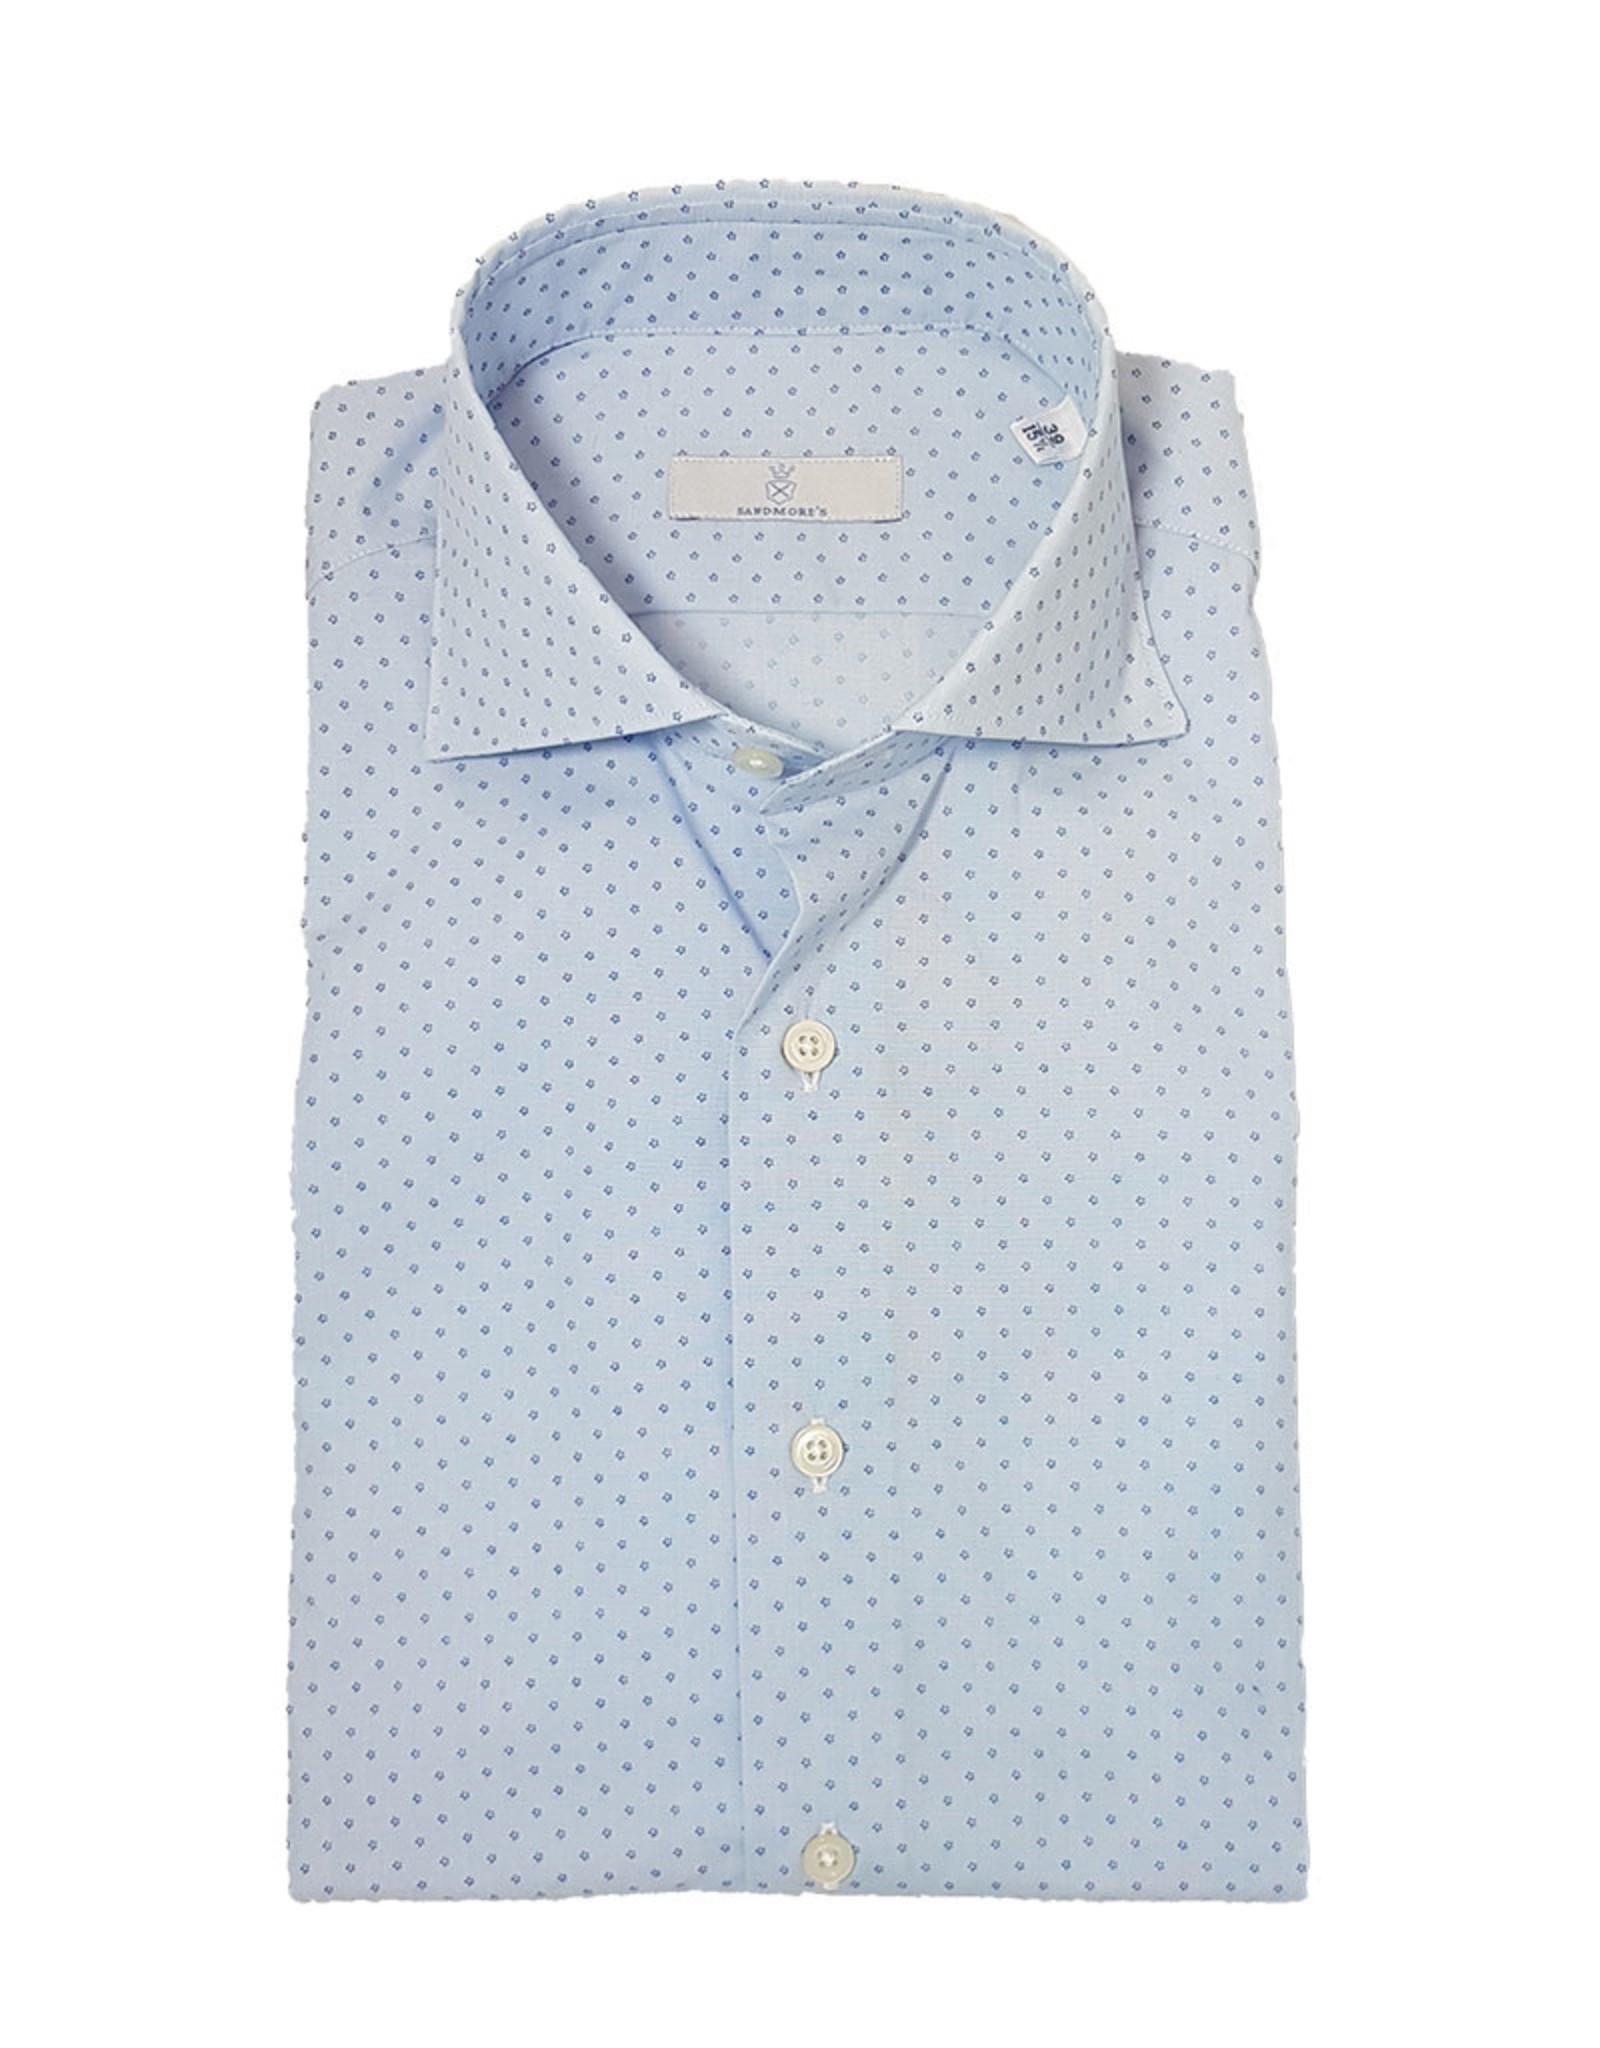 Ghirardelli Sandmore's hemd lichtblauw Slimline C5104/01 P66 A598